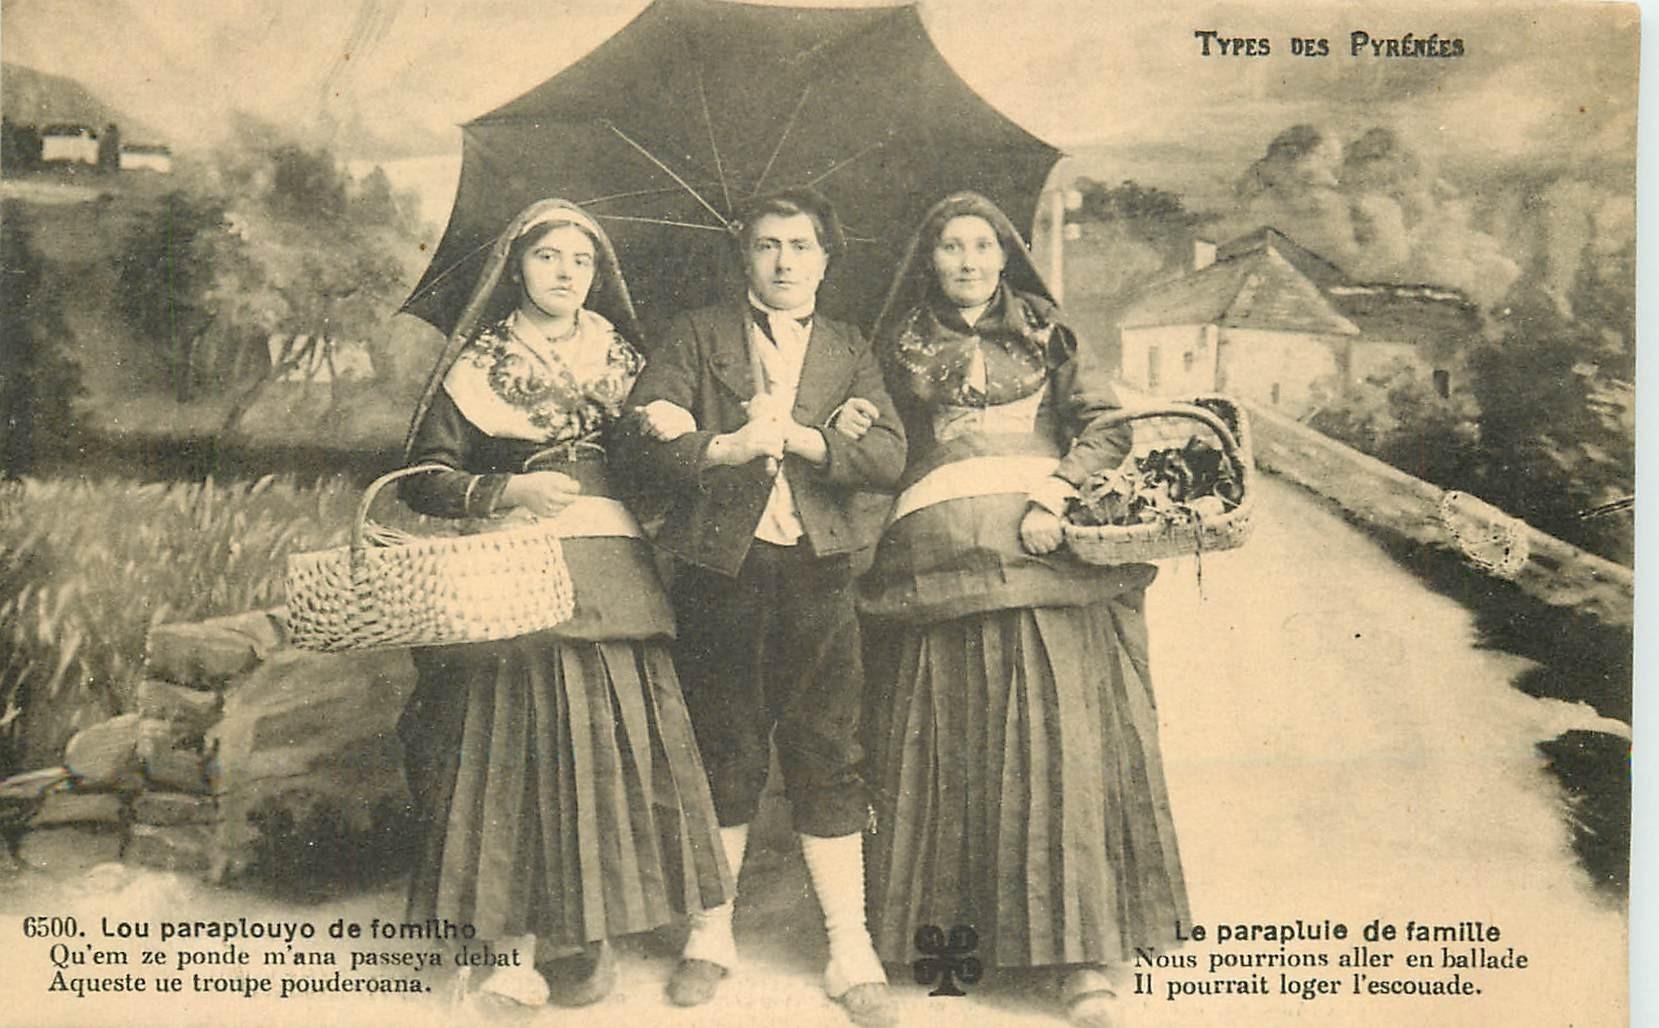 65 TYPES DES PYRENEES. Le parapluie de famille Lou paraplouyo de fomilho